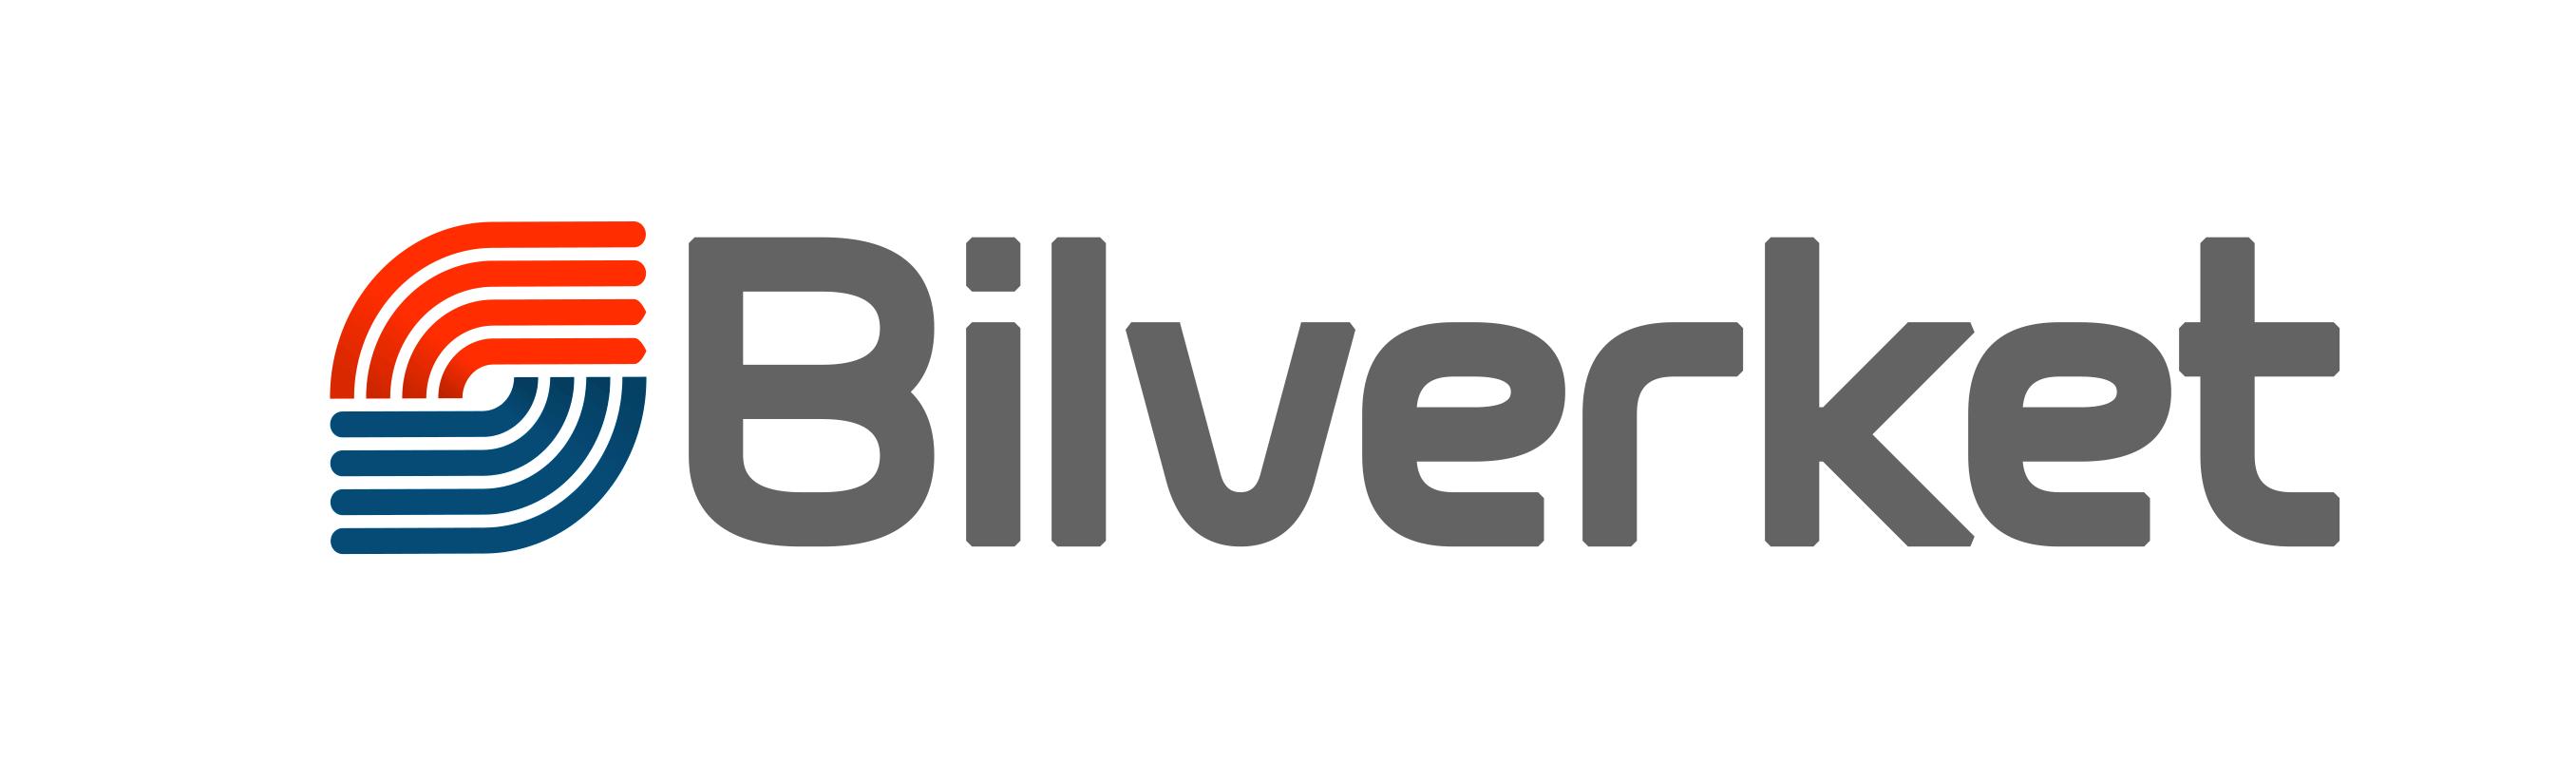 Bilverket.se| Sveriges Bilportal